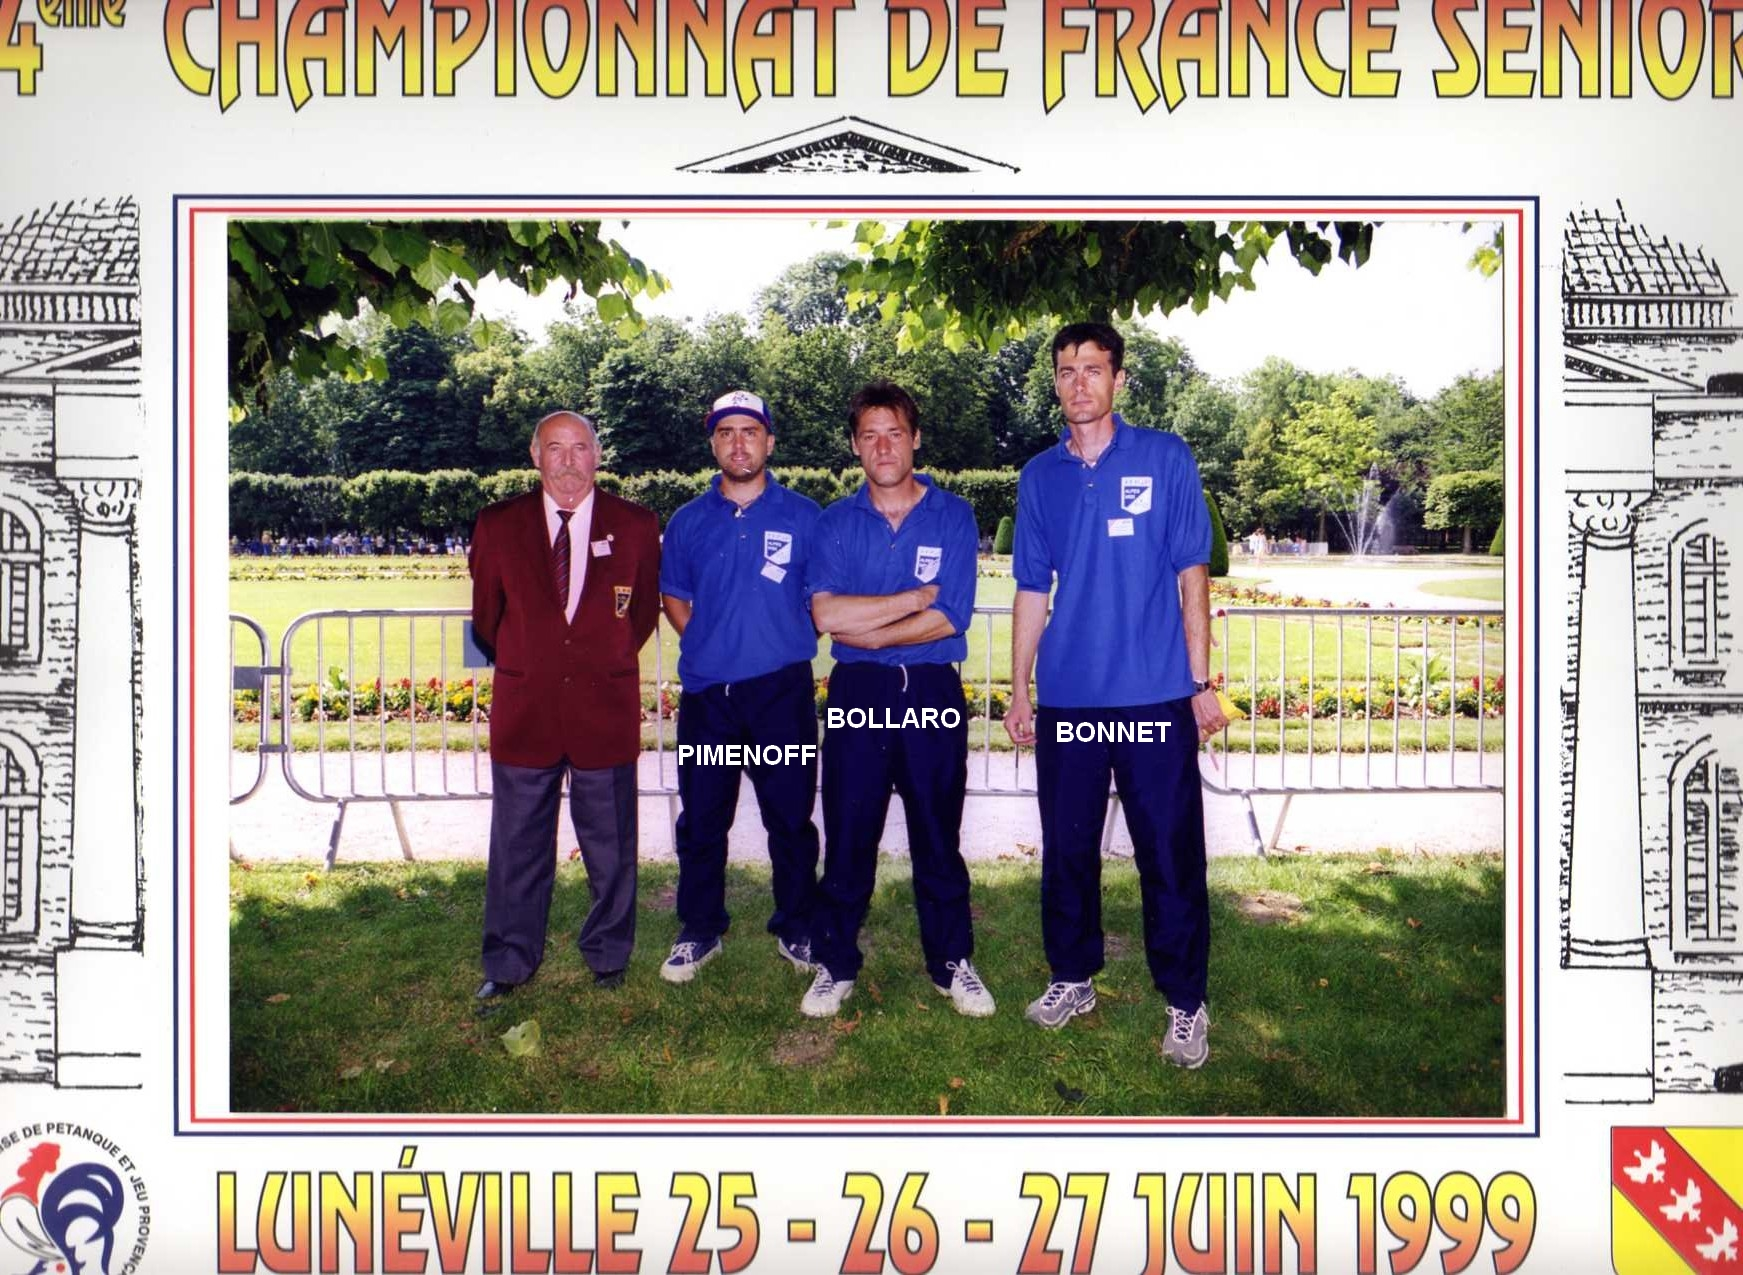 4ème France triplettes à LUNEVILLE en 1999 perdu en 1/64ème contre DATH - AUREJAC - TRIBOUT du 02